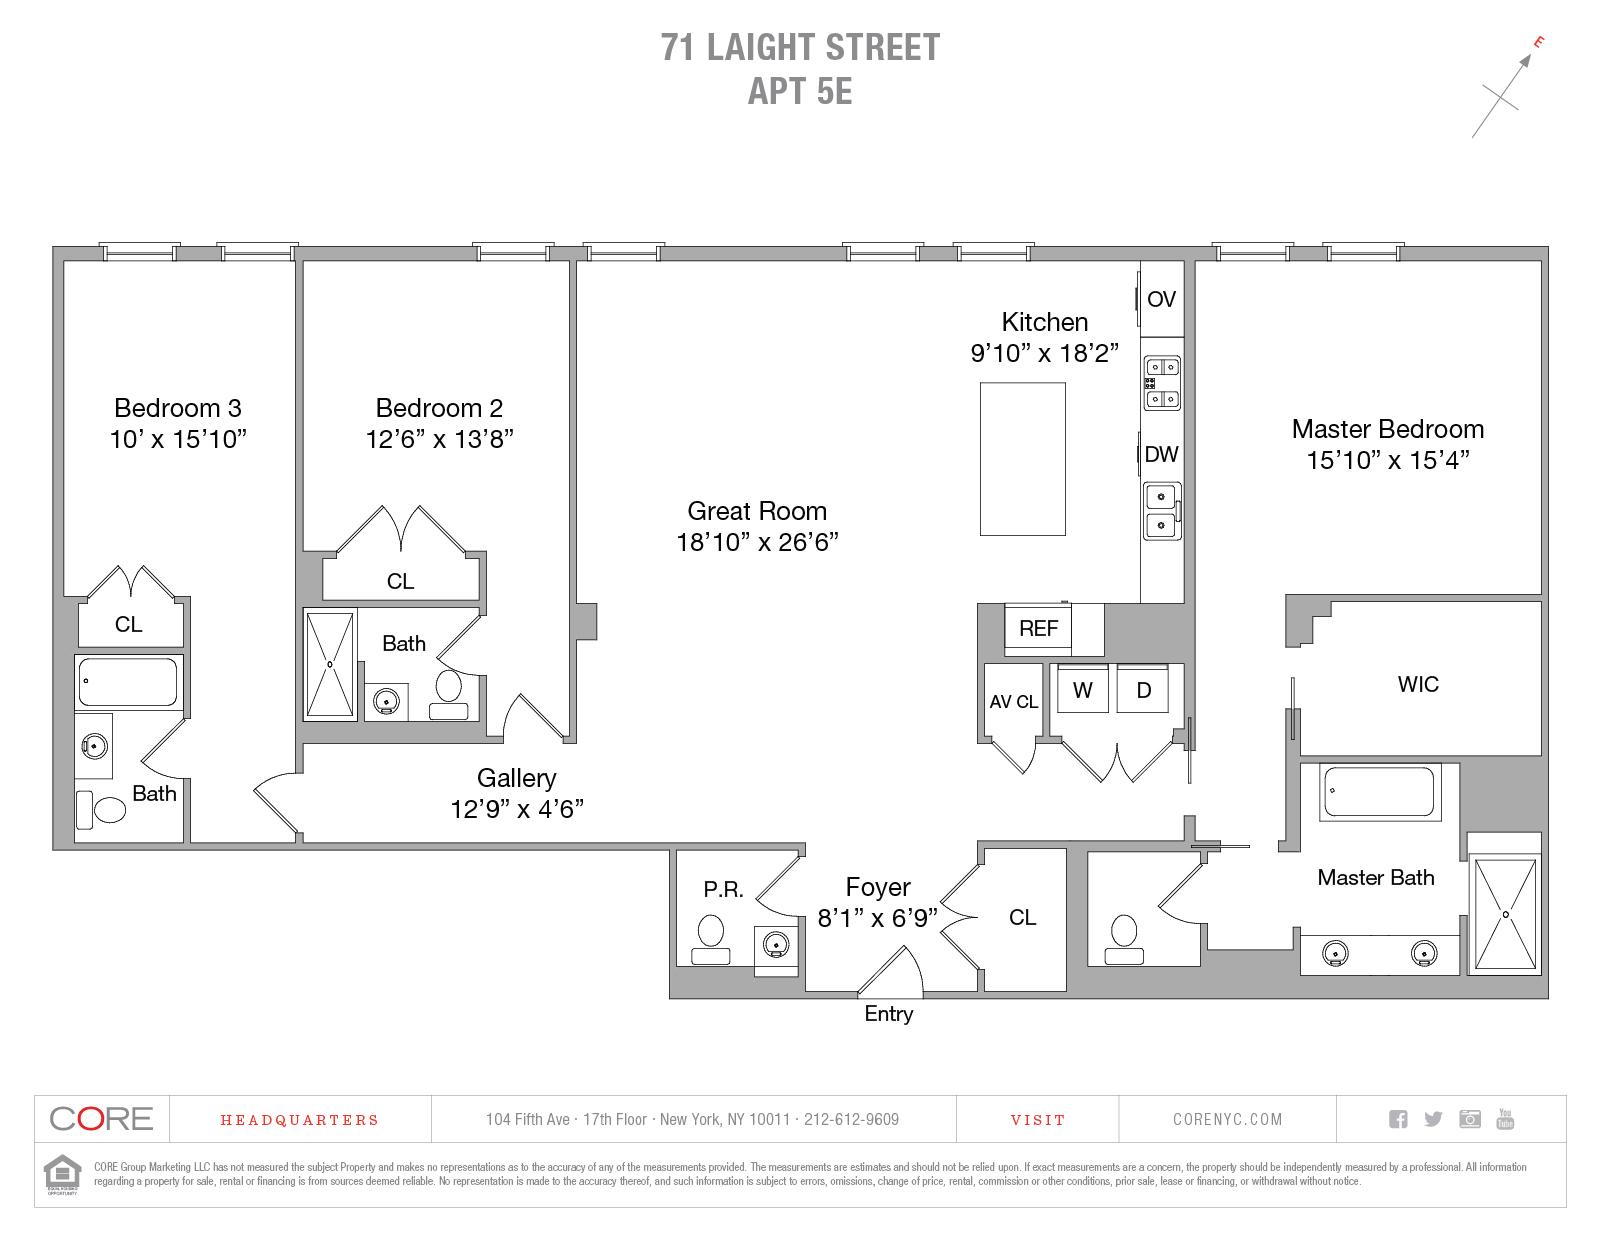 71 Laight St. 5E, New York, NY 10013